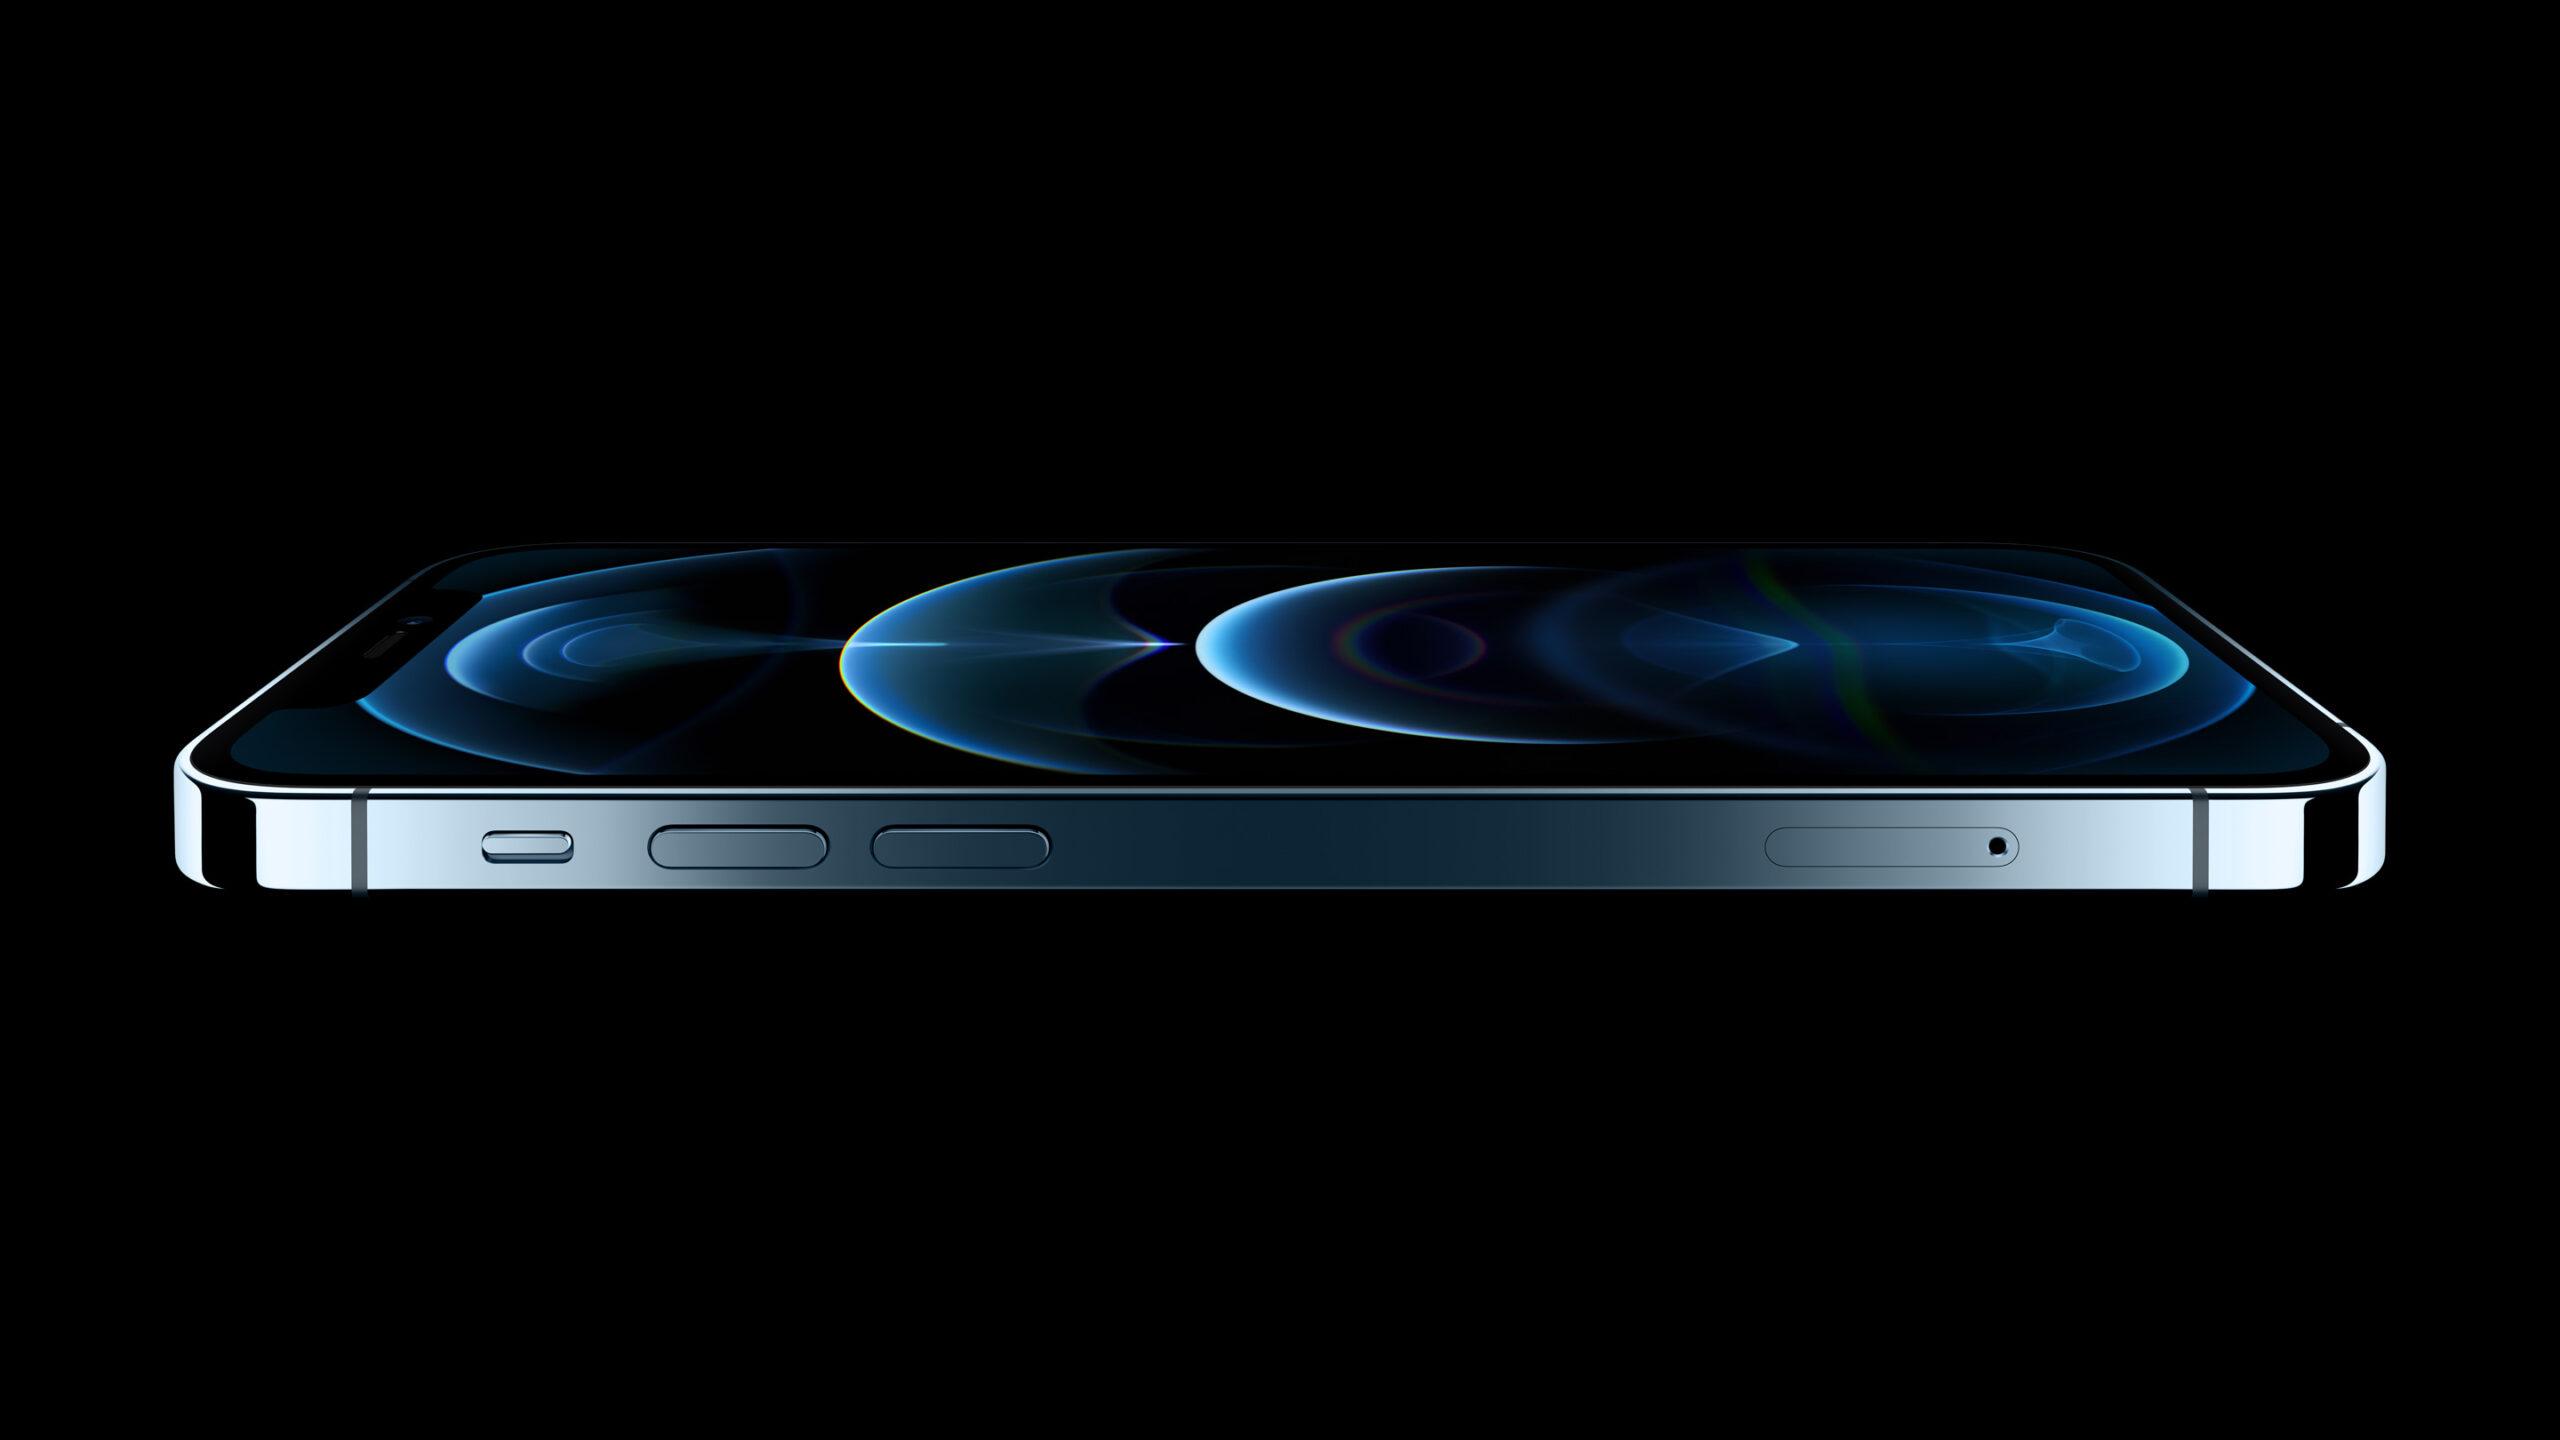 Wie-viele-Tage-musst-du-arbeiten-damit-du-dir-das-neue-iPhone-12-leisten-kannst-